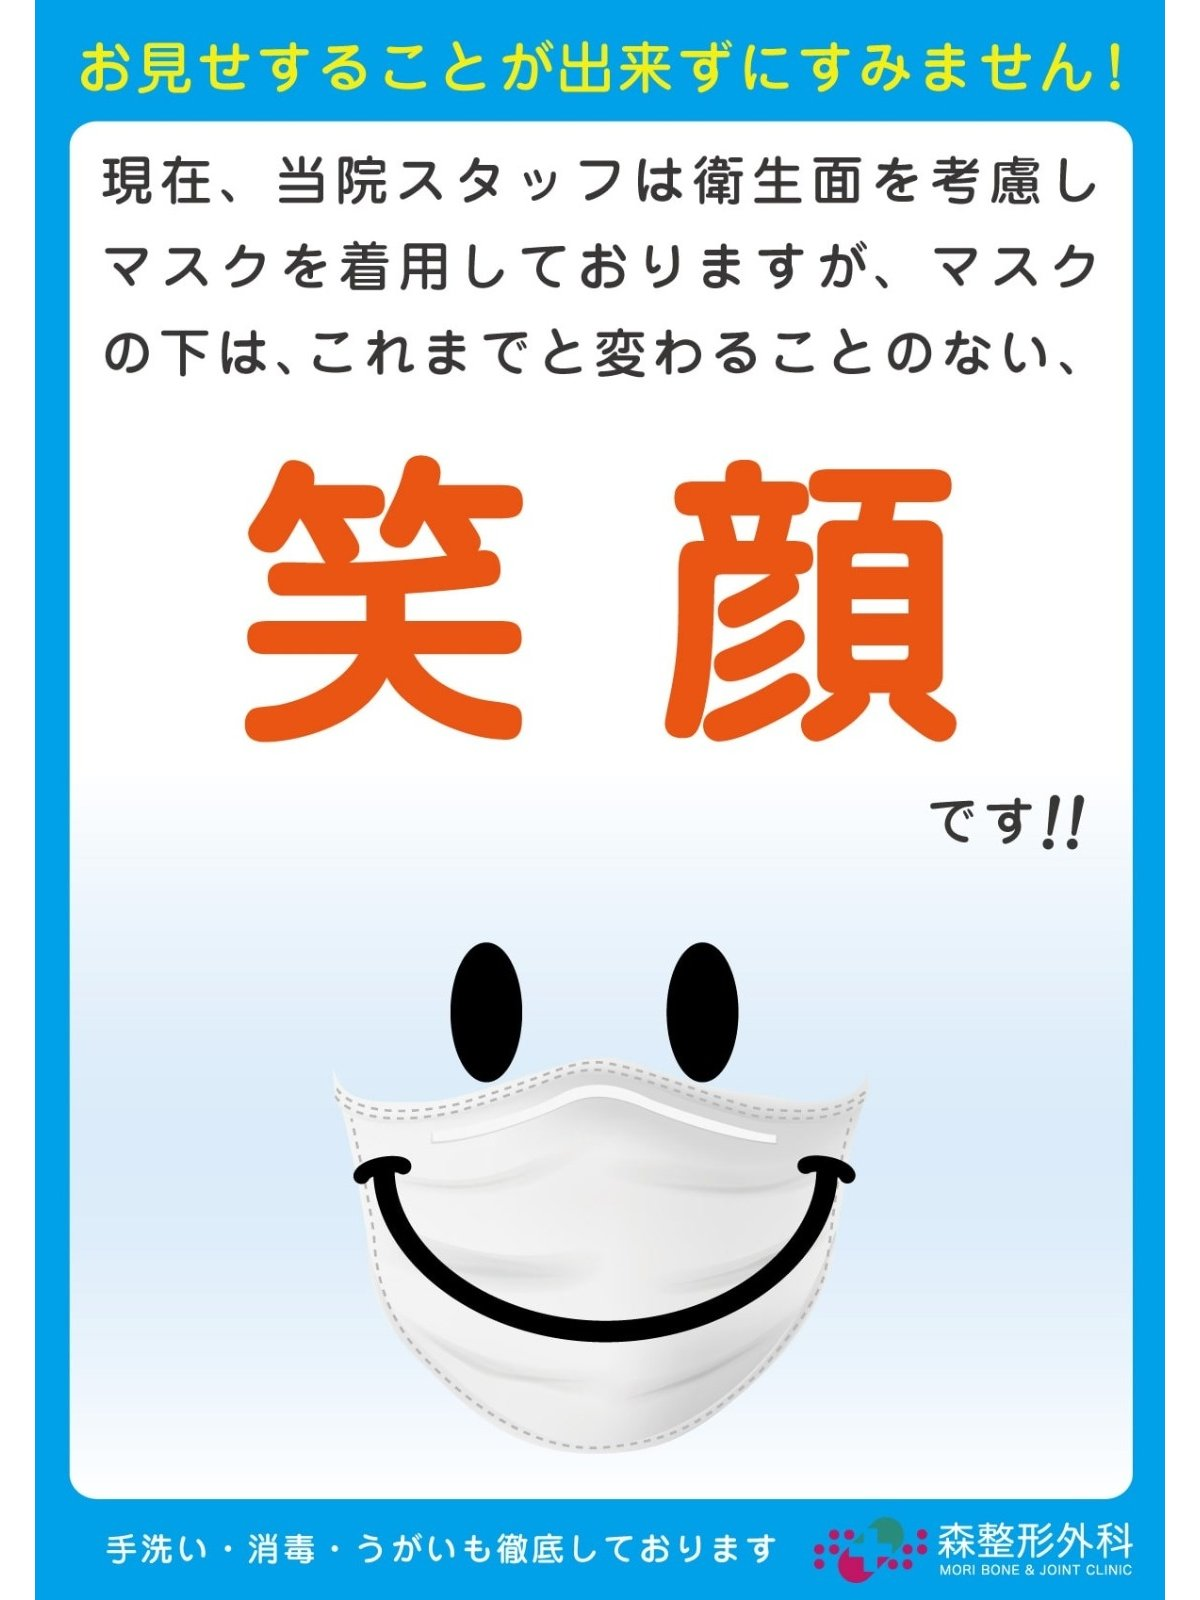 マスクの下は、これまでと変わることのない笑顔です